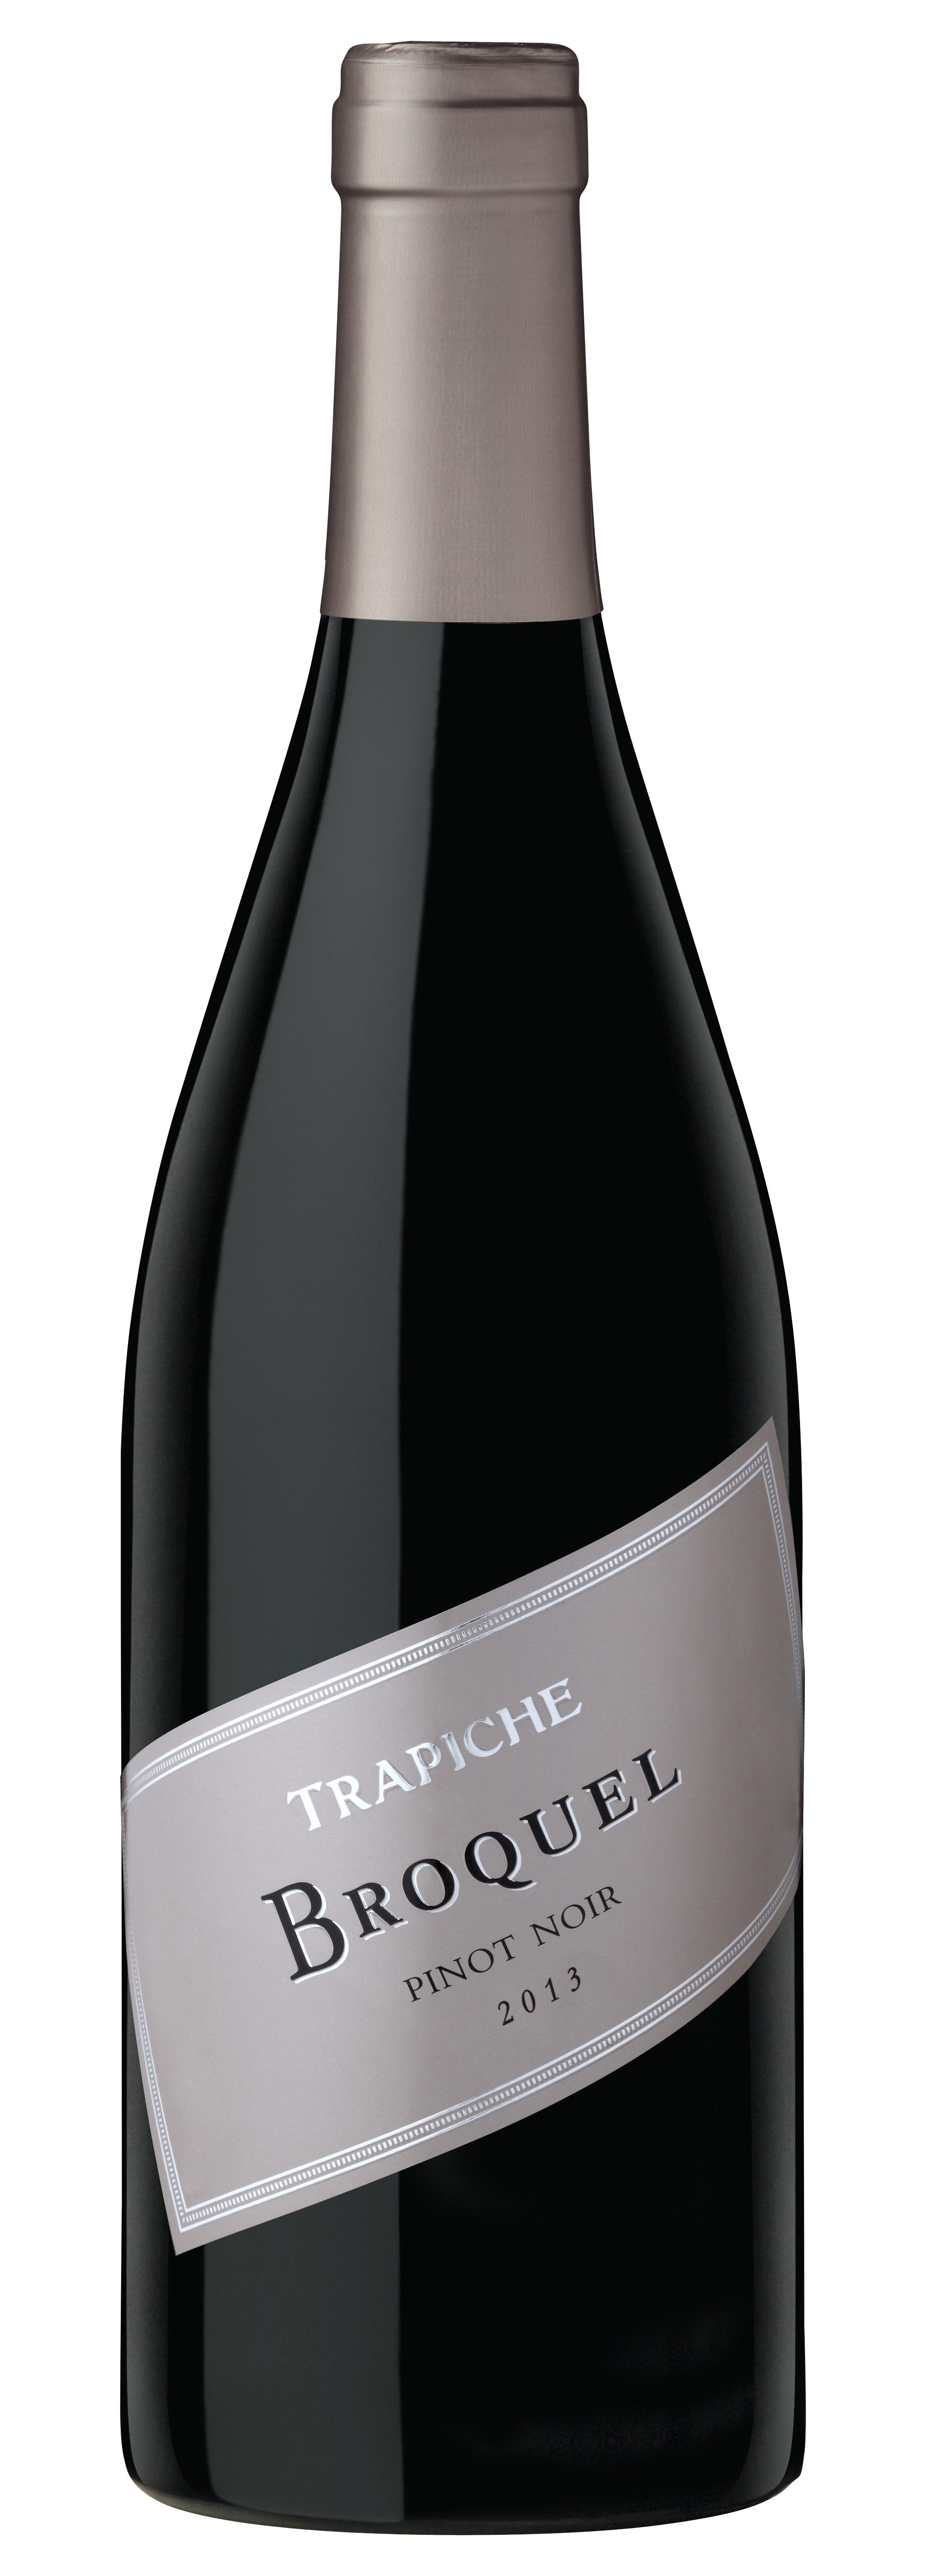 Trapiche Broquel Pinot Noir 2015/2016